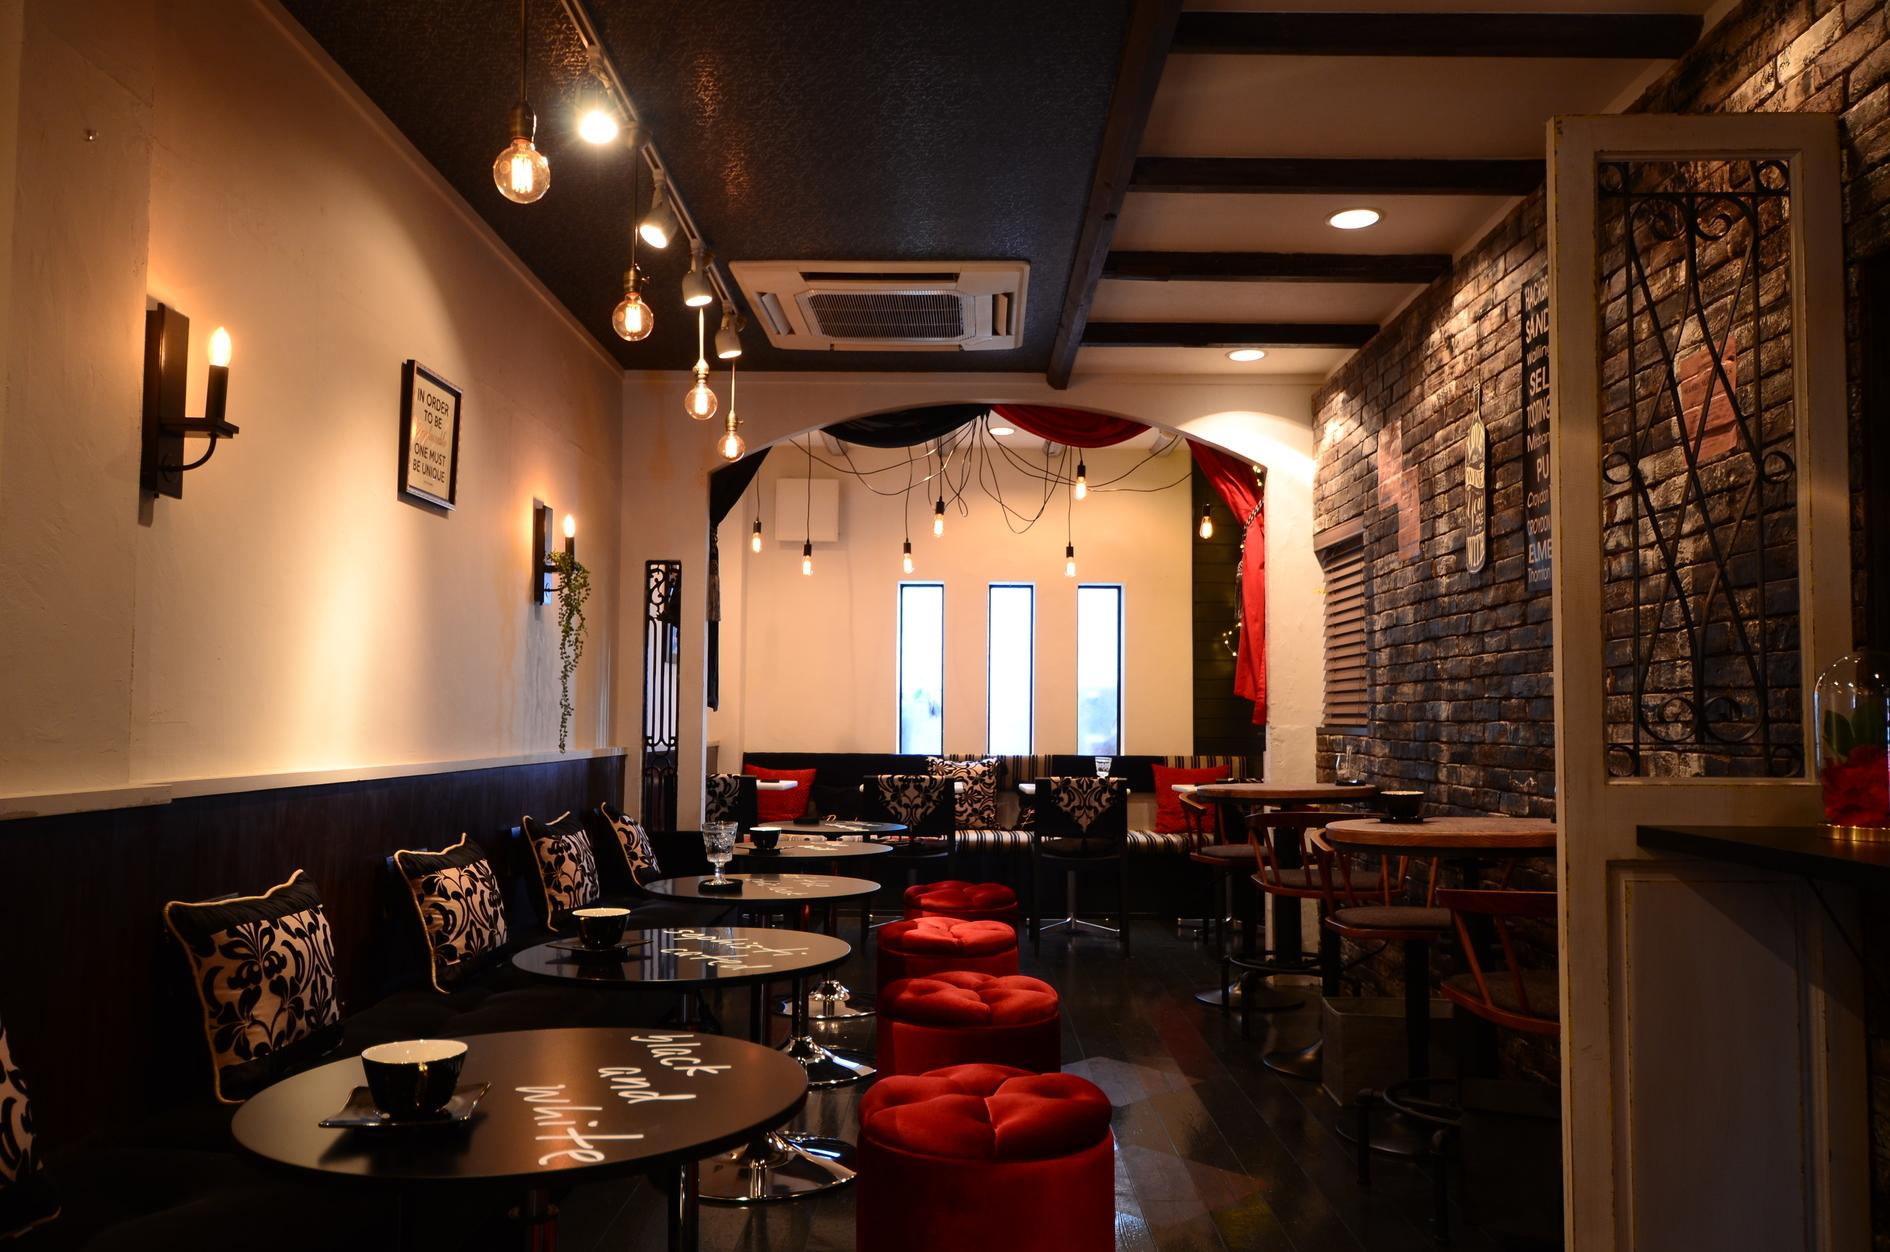 【徳島】ラグジュアリーなcafeスペース(パーティーやイベント使用に最適/貸切)(L'Cafe TOKUSHIMA(エルカフェトクシマ)) の写真0